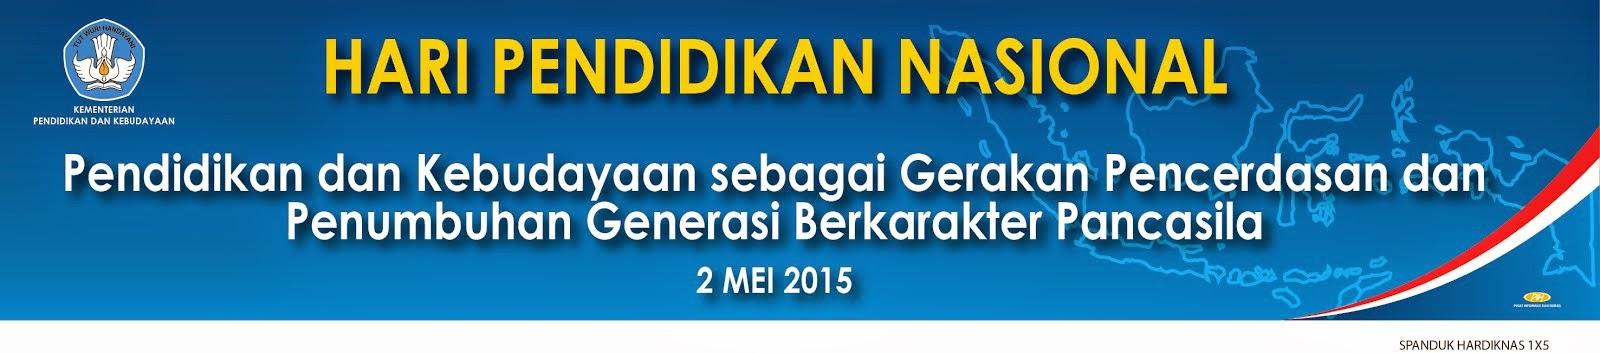 HARI PENDIDIKAN NASIONAL 2015